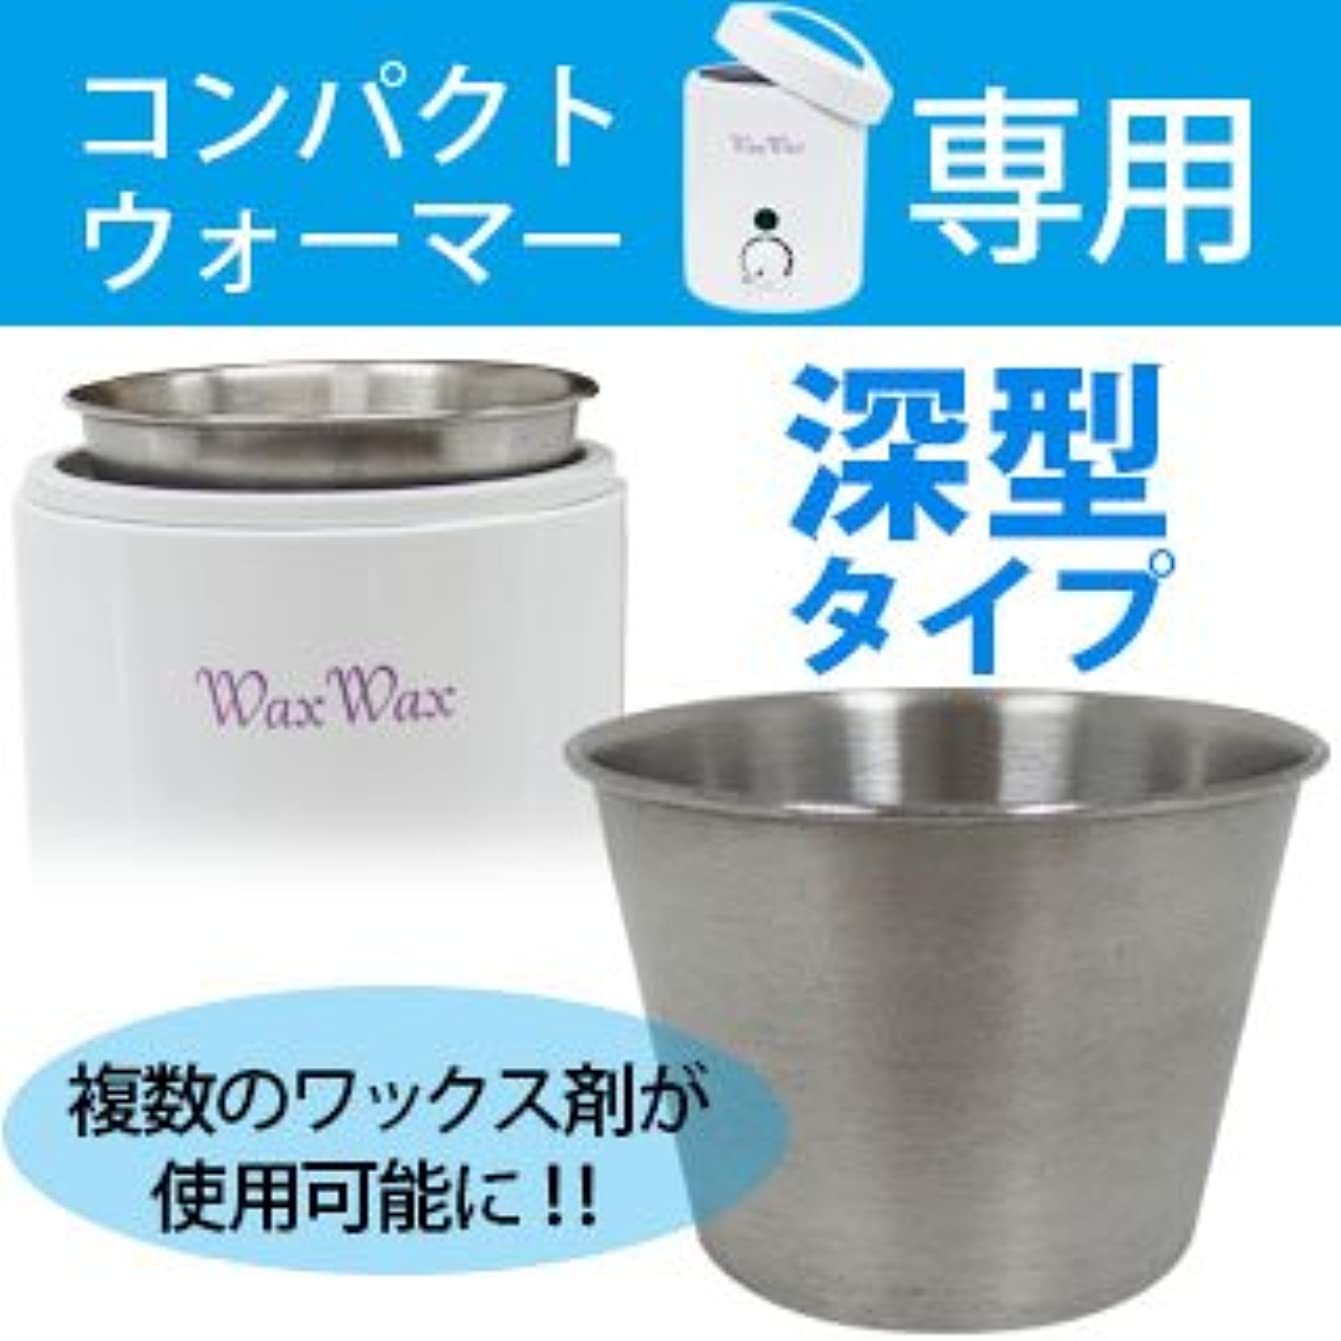 変な悪夢手数料【深型】コンパクトウォーマー専用 ハードワックス缶 空き缶 ナベ 鍋 ハード専用